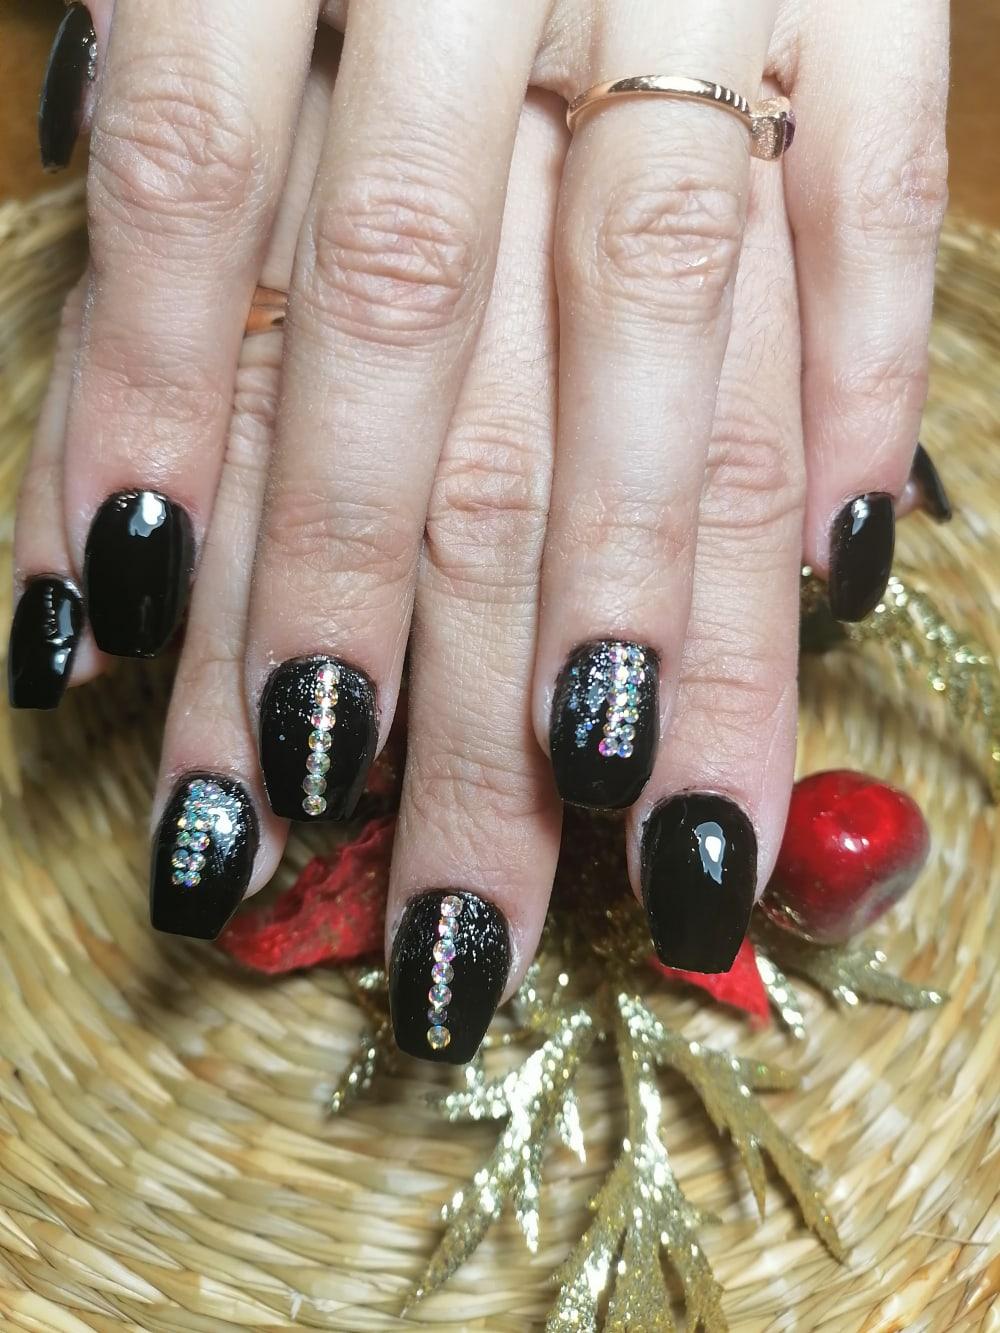 Маникюр с блестками и стразами в черном цвете.